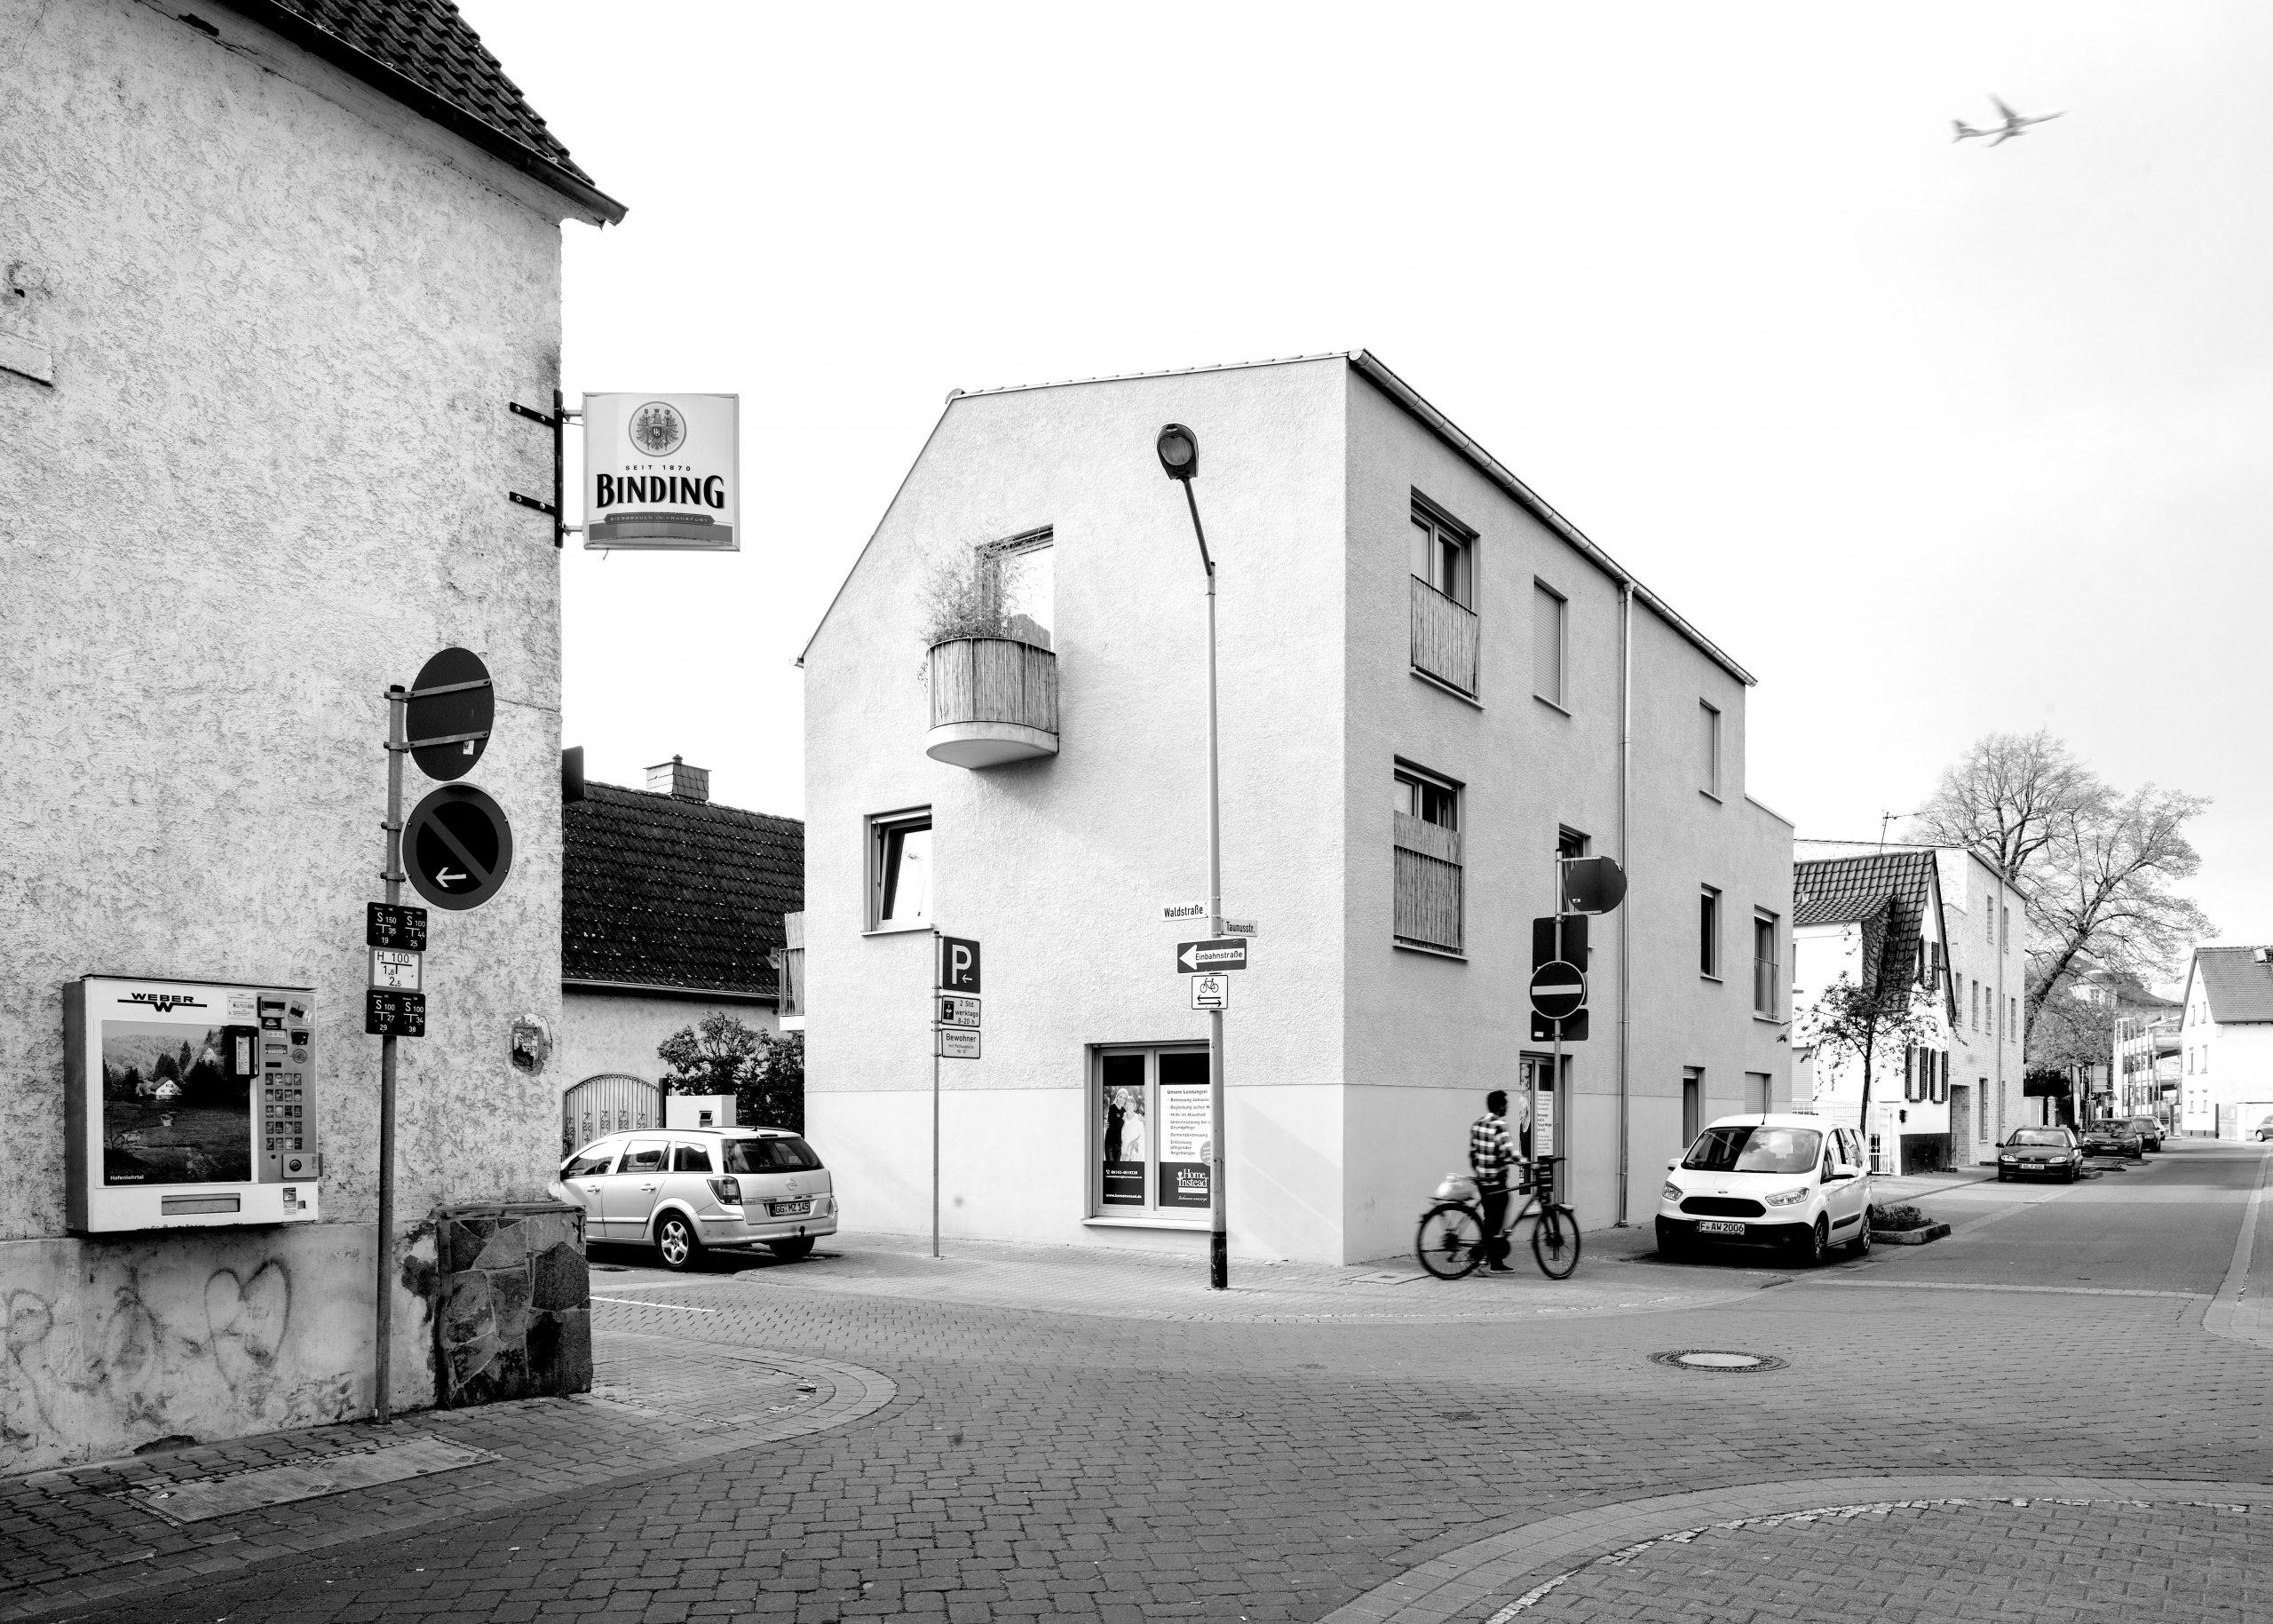 Straßenecke in einer Kleinstadt